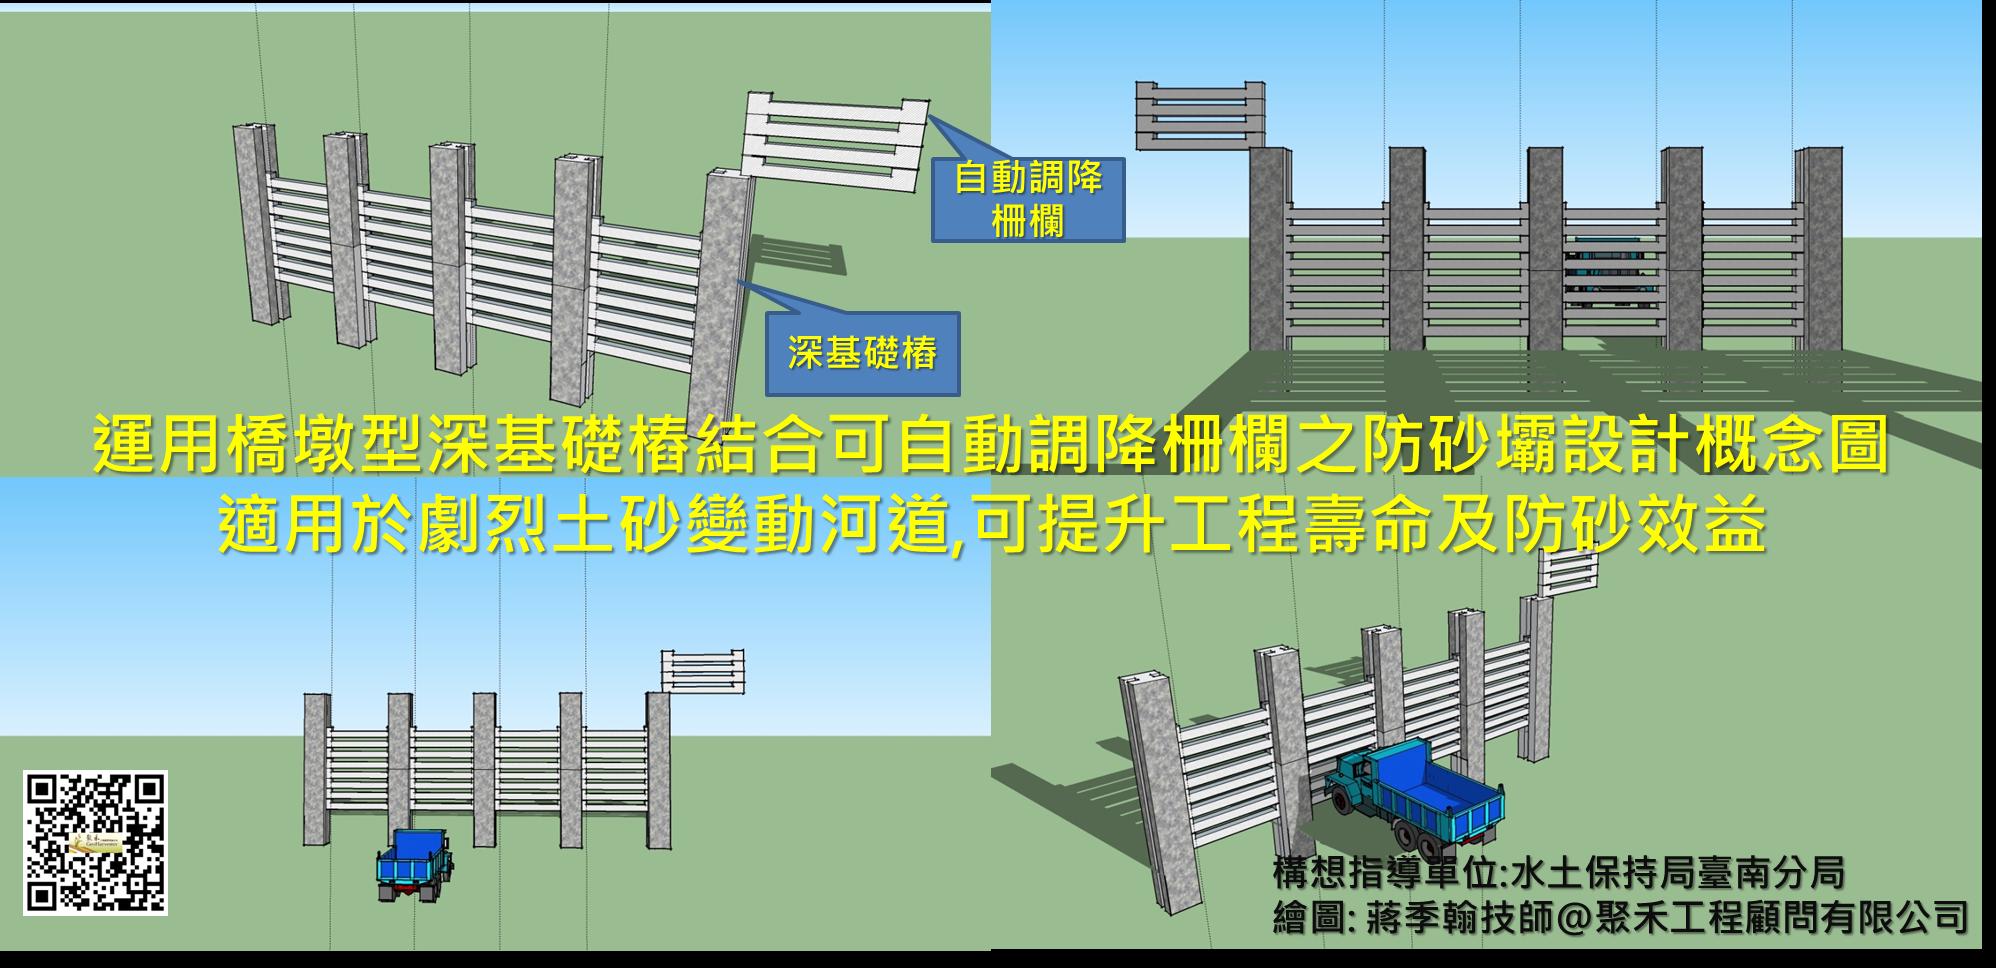 橋墩型深基礎樁結合可自動調降柵欄之防砂壩設計概念